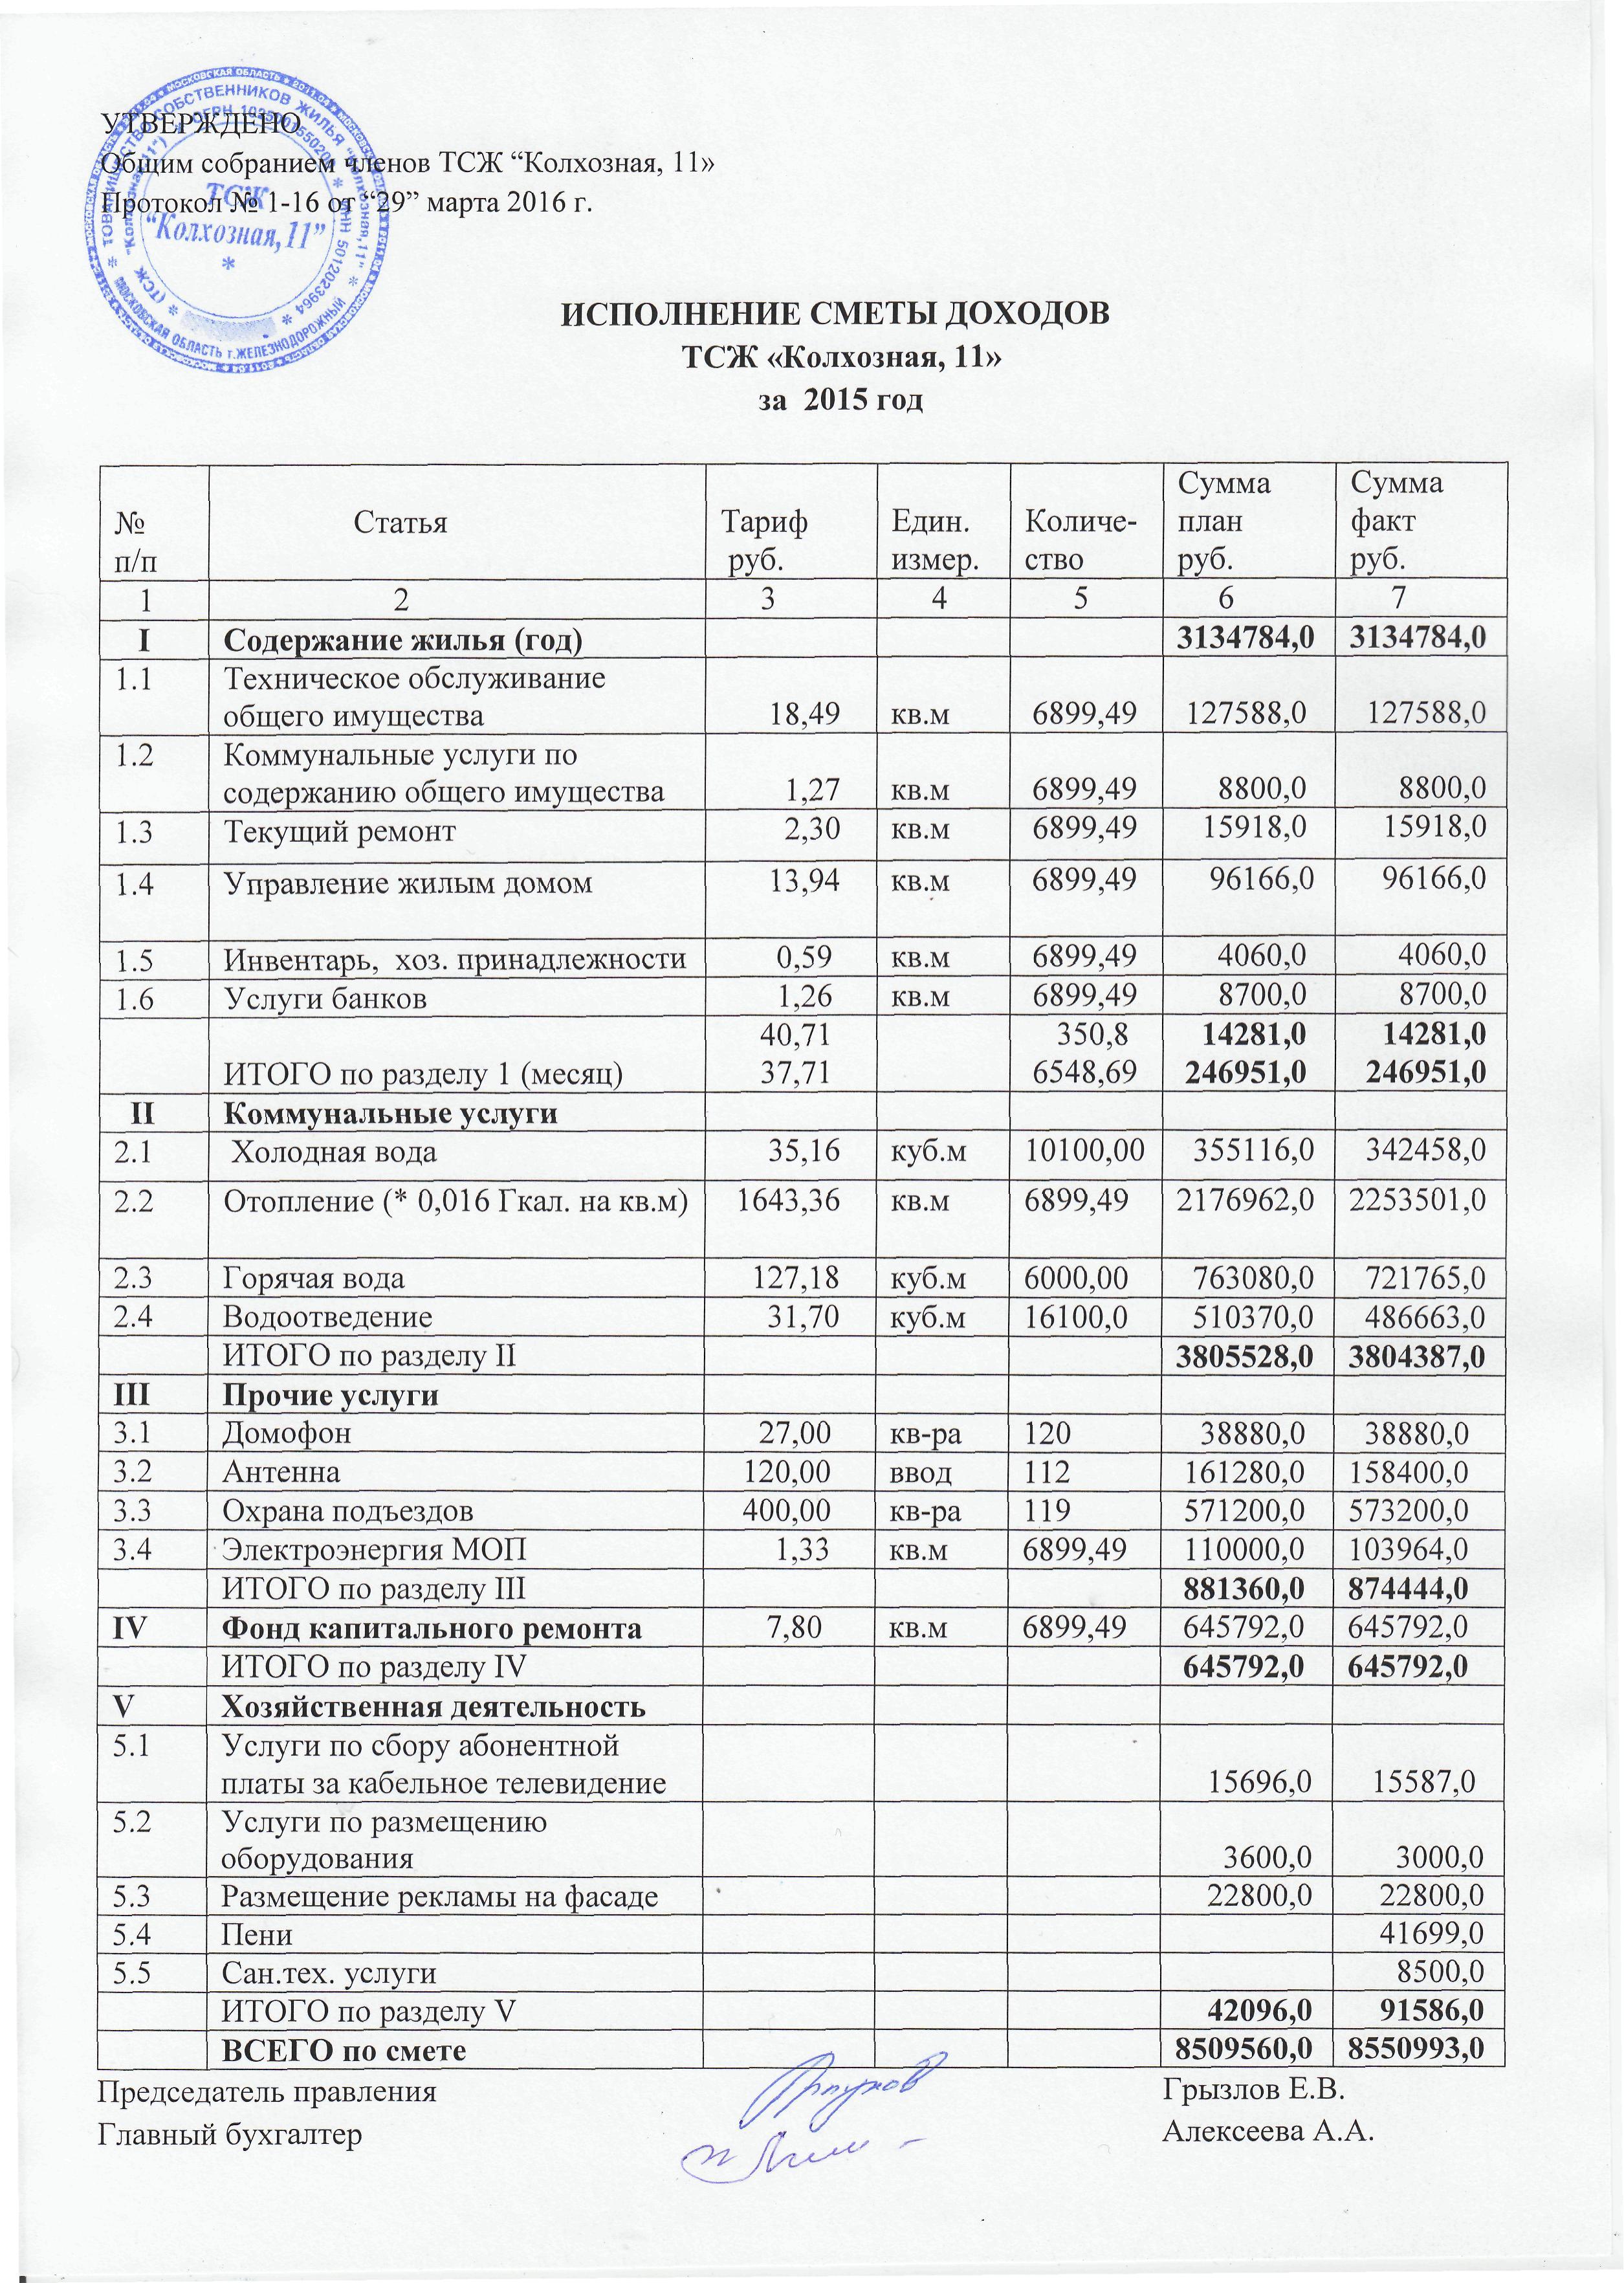 Смета доходов и расходов некоммерческой организации. Образец 2018 года.